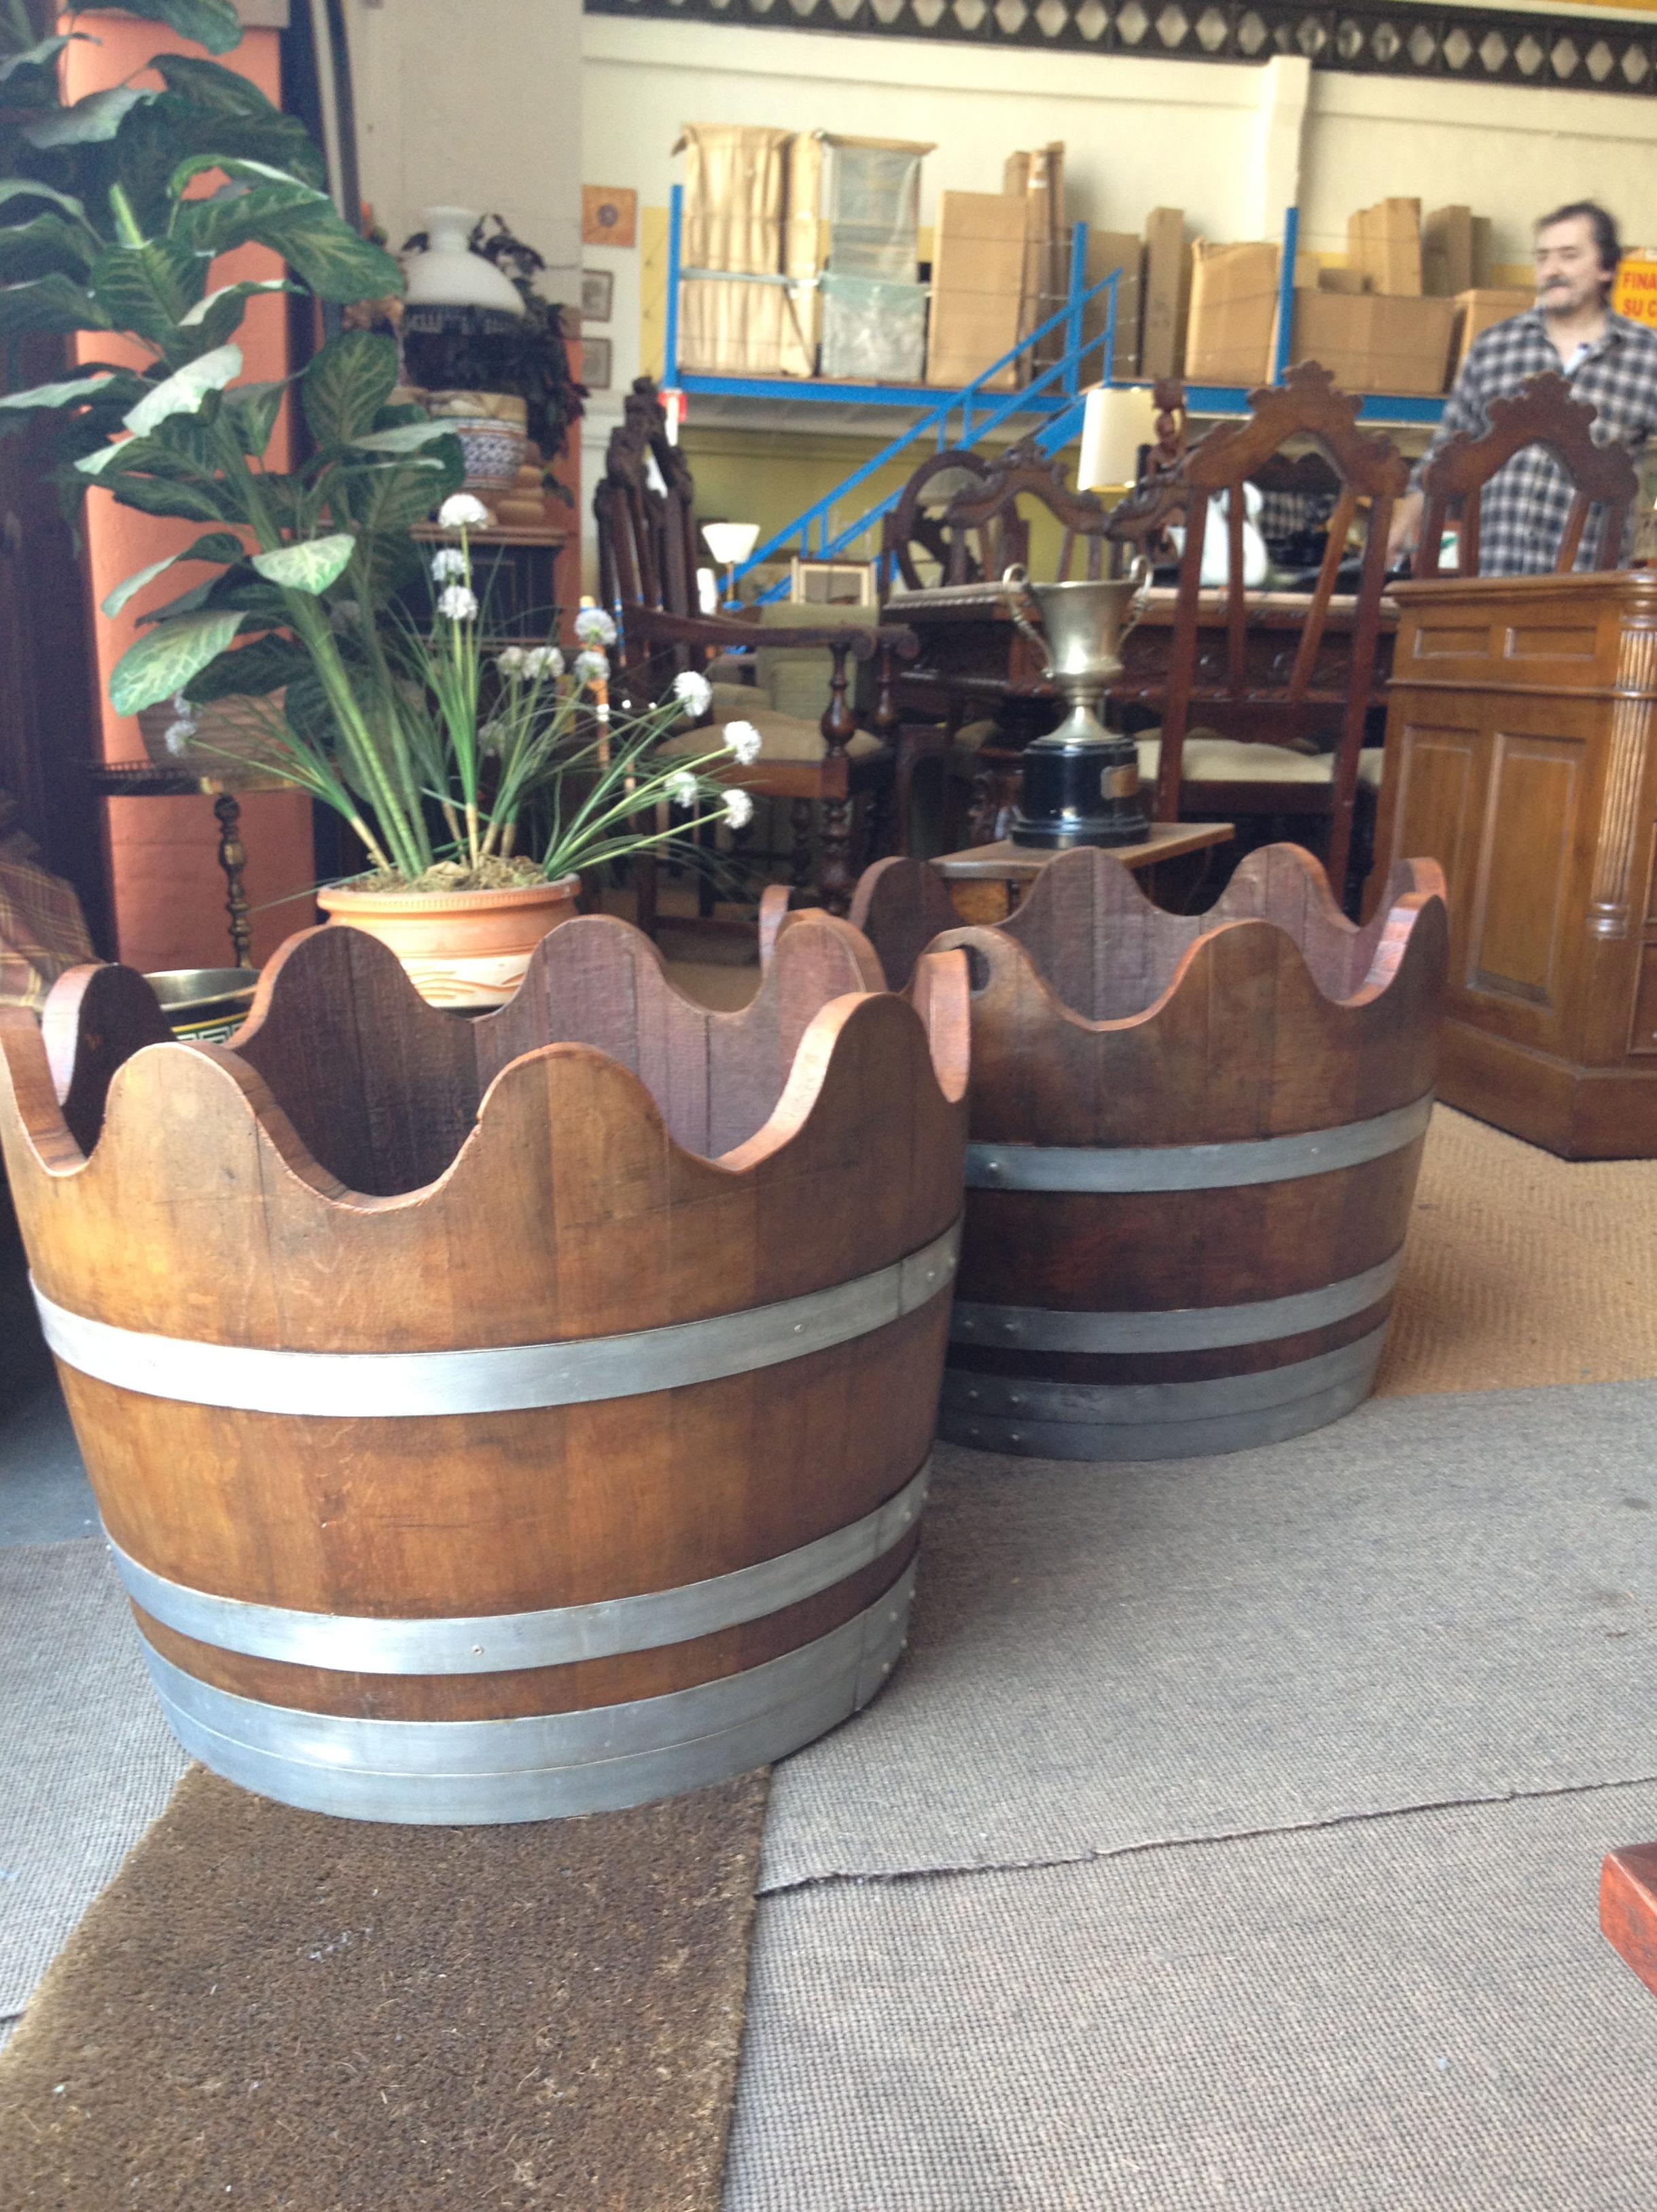 Muebles de segunda mano muebles nuevos y usados de remar for Muebles cocina rusticos segunda mano